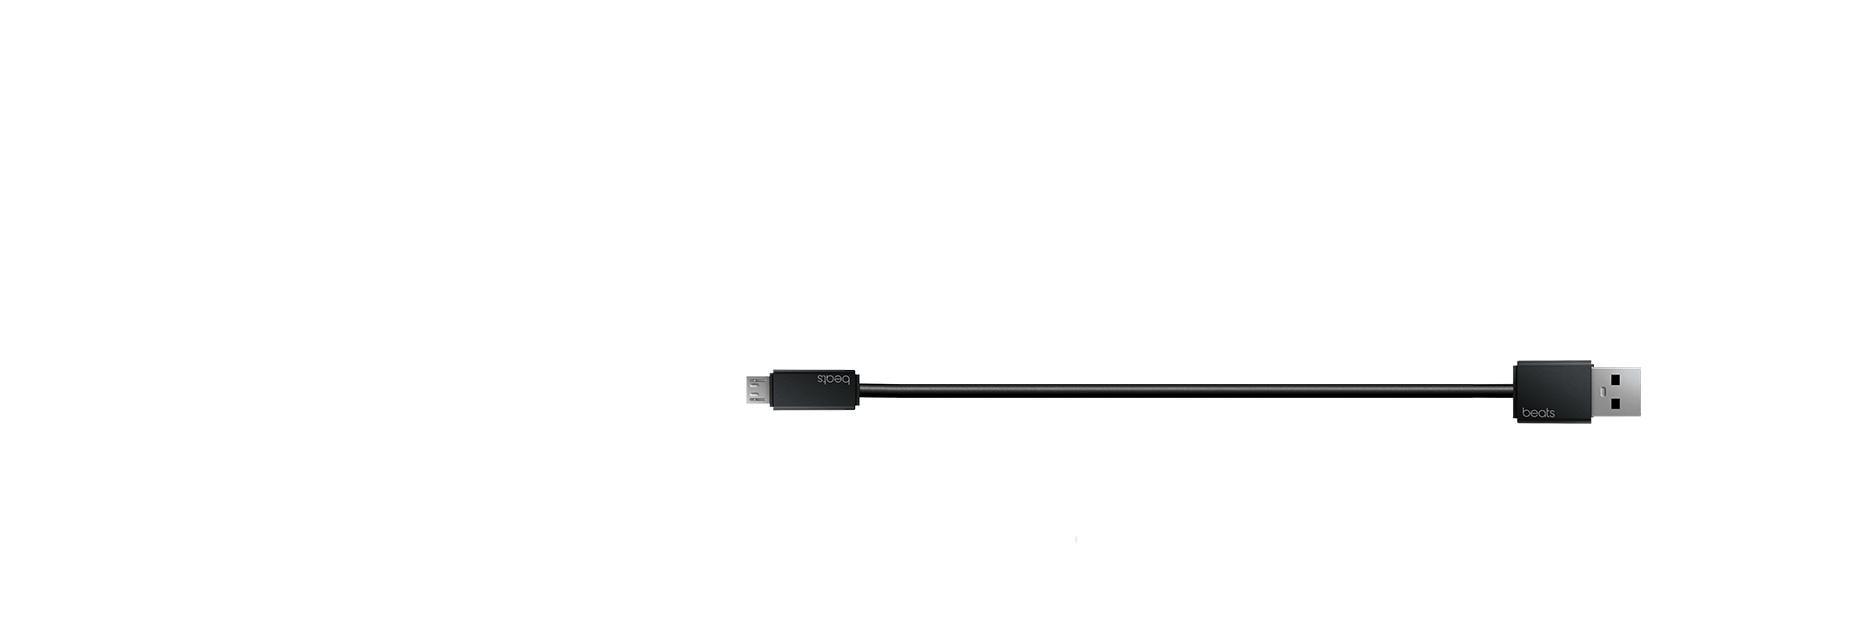 Cablu de încărcare Powerbeats3